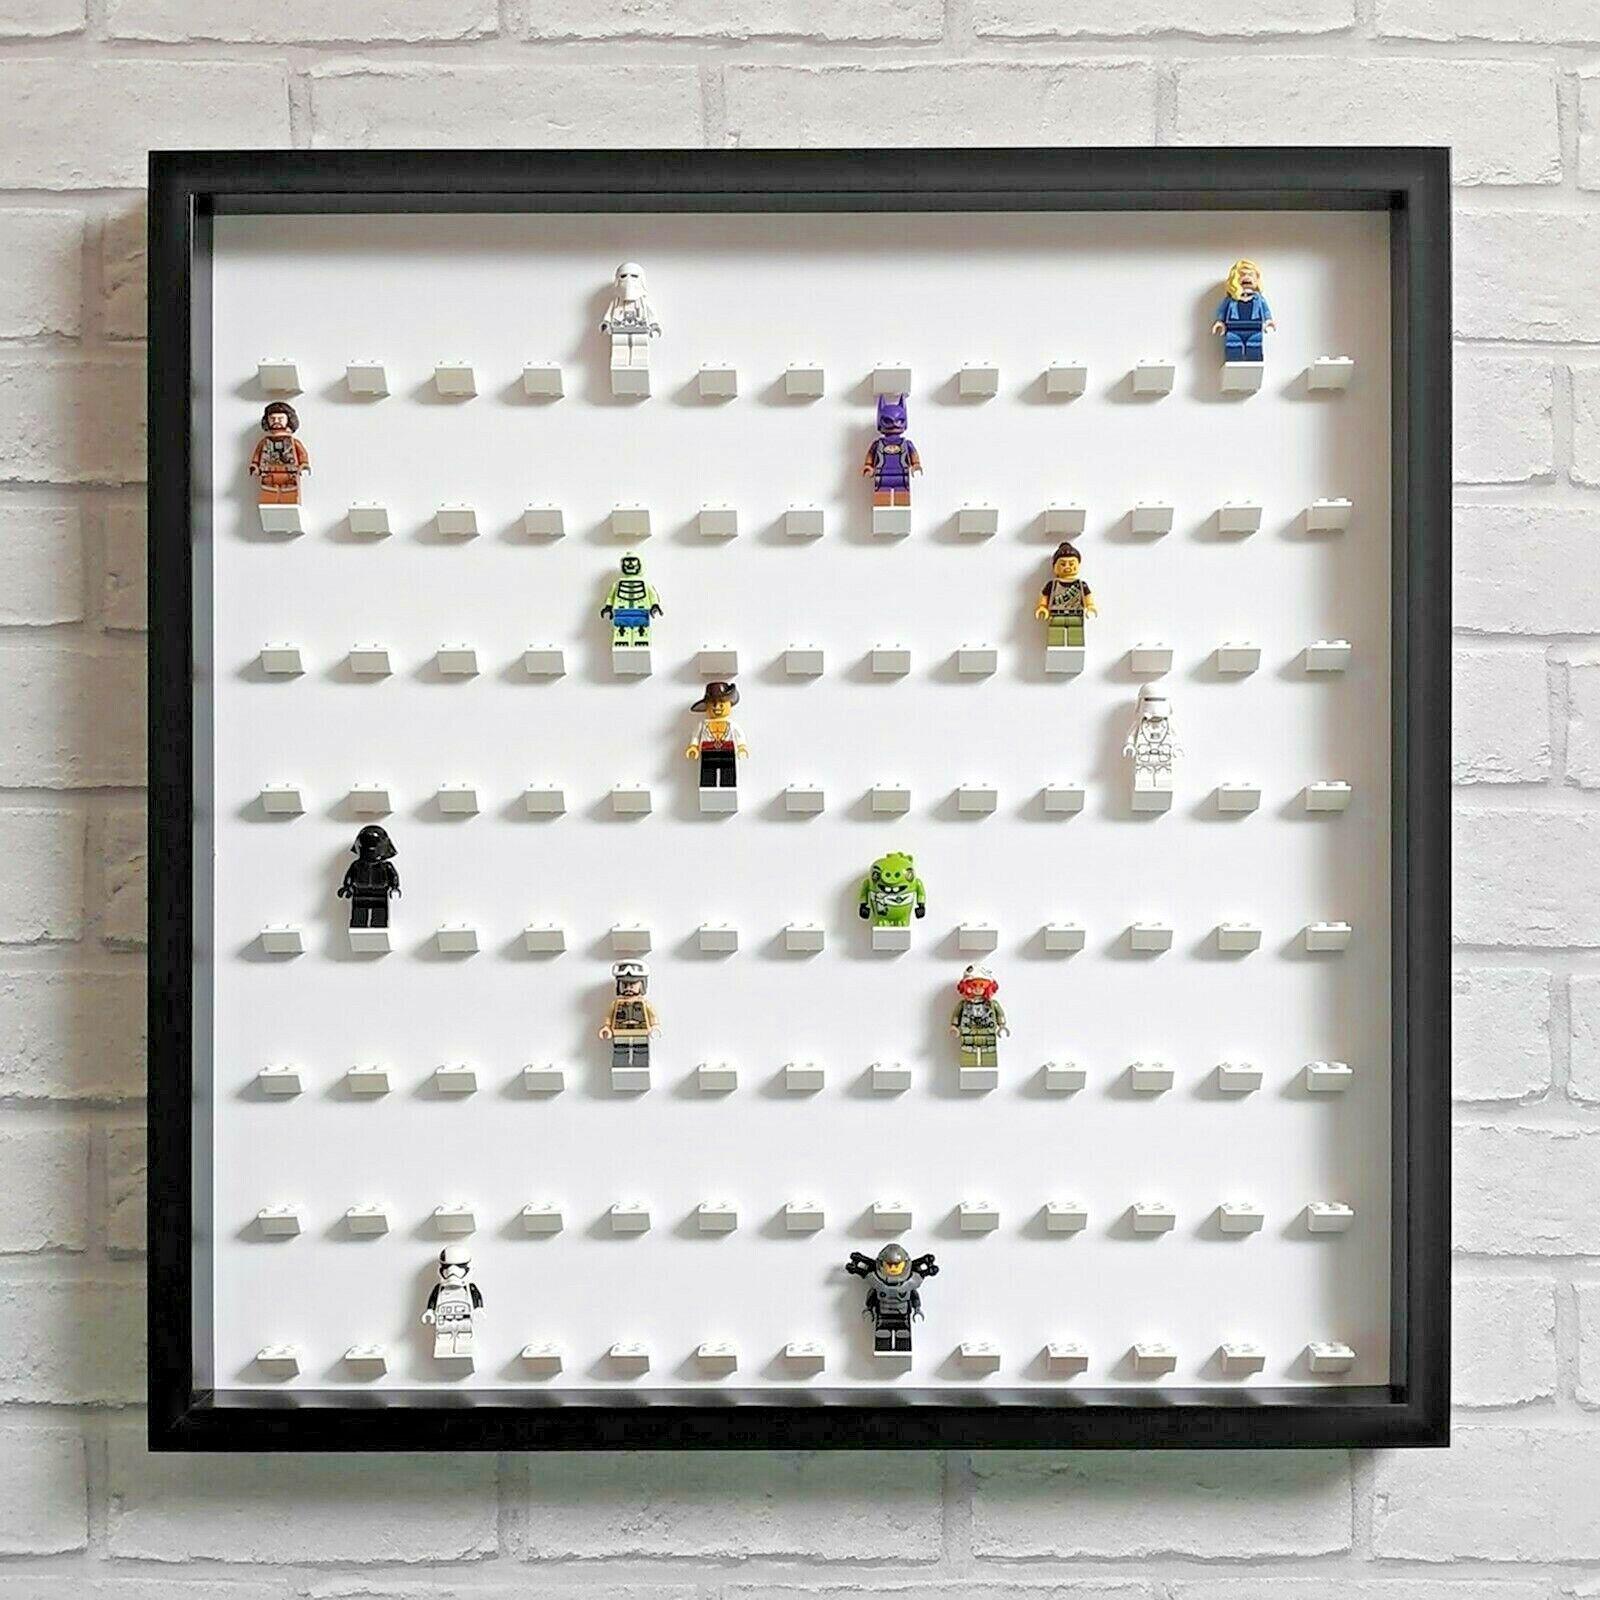 LEGO Figurine Display Frame Case grand-s' adapte 104  Minifigs-Noir (Blanc)  articles de nouveauté